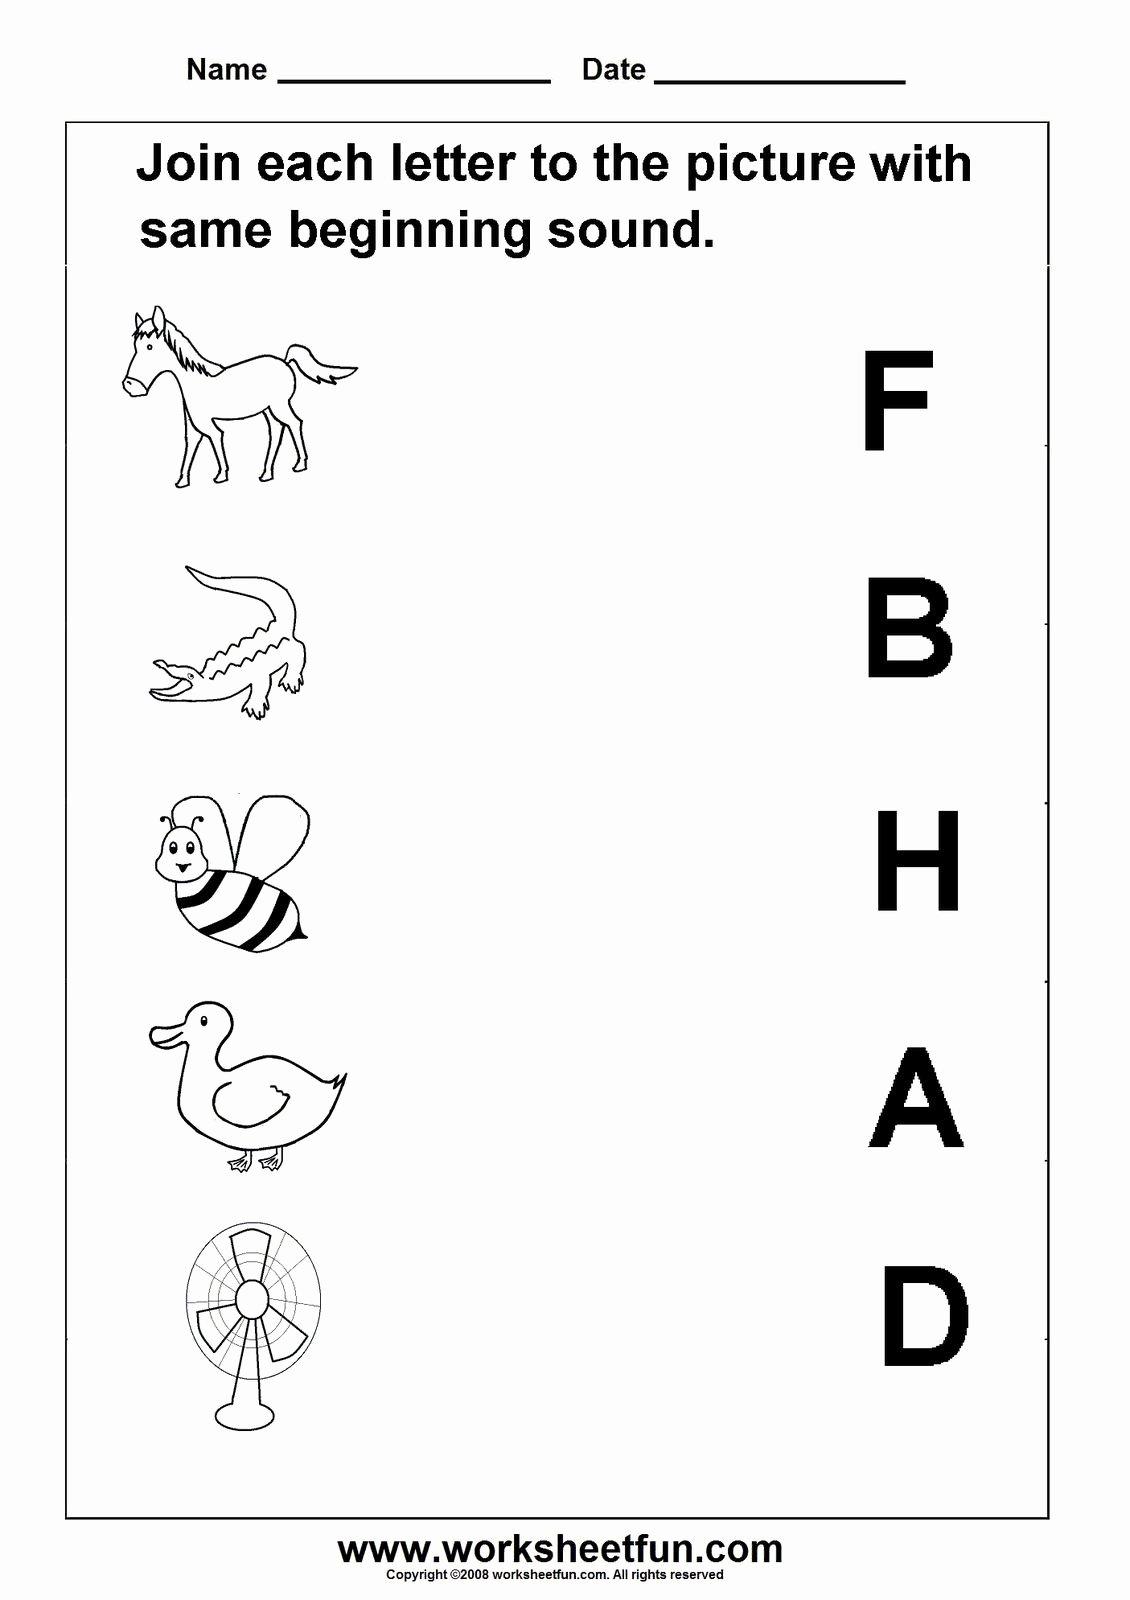 Letter sound Worksheets for Preschoolers Awesome A Letter sound Worksheets